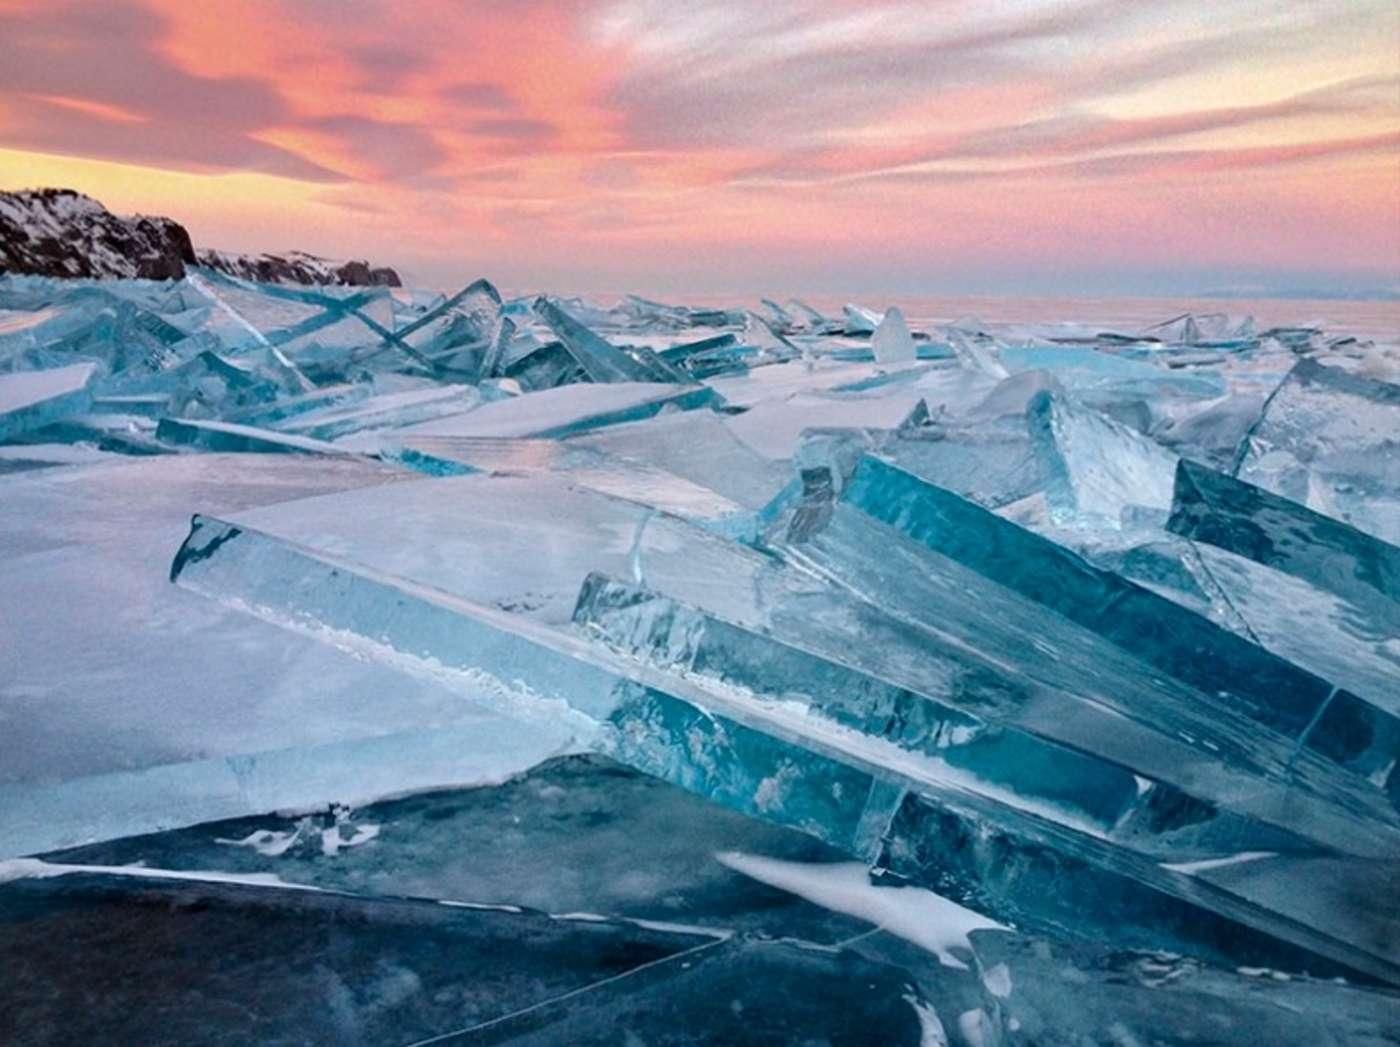 این تصویر از یخهای شناور توسط سرگی پستروف گرفنته شده و برنده جایزه دوم عکس منظره شد